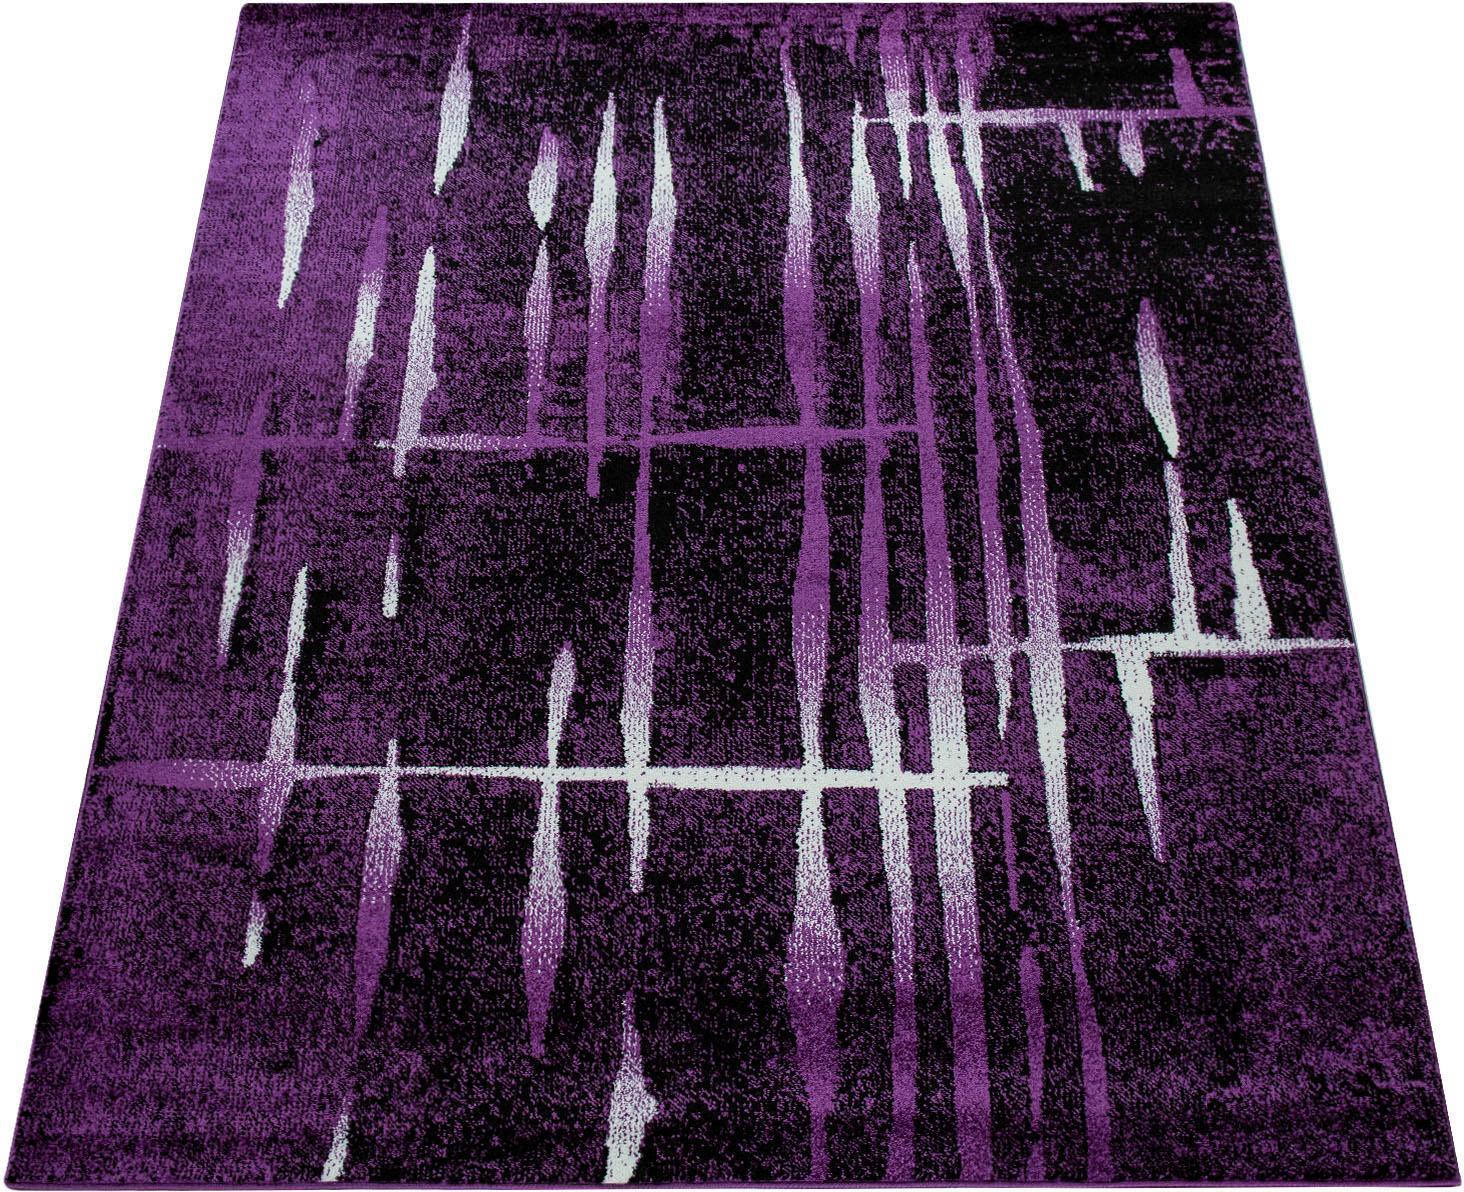 Teppich ECE 924 Paco Home rechteckig Höhe 14 mm maschinell gewebt